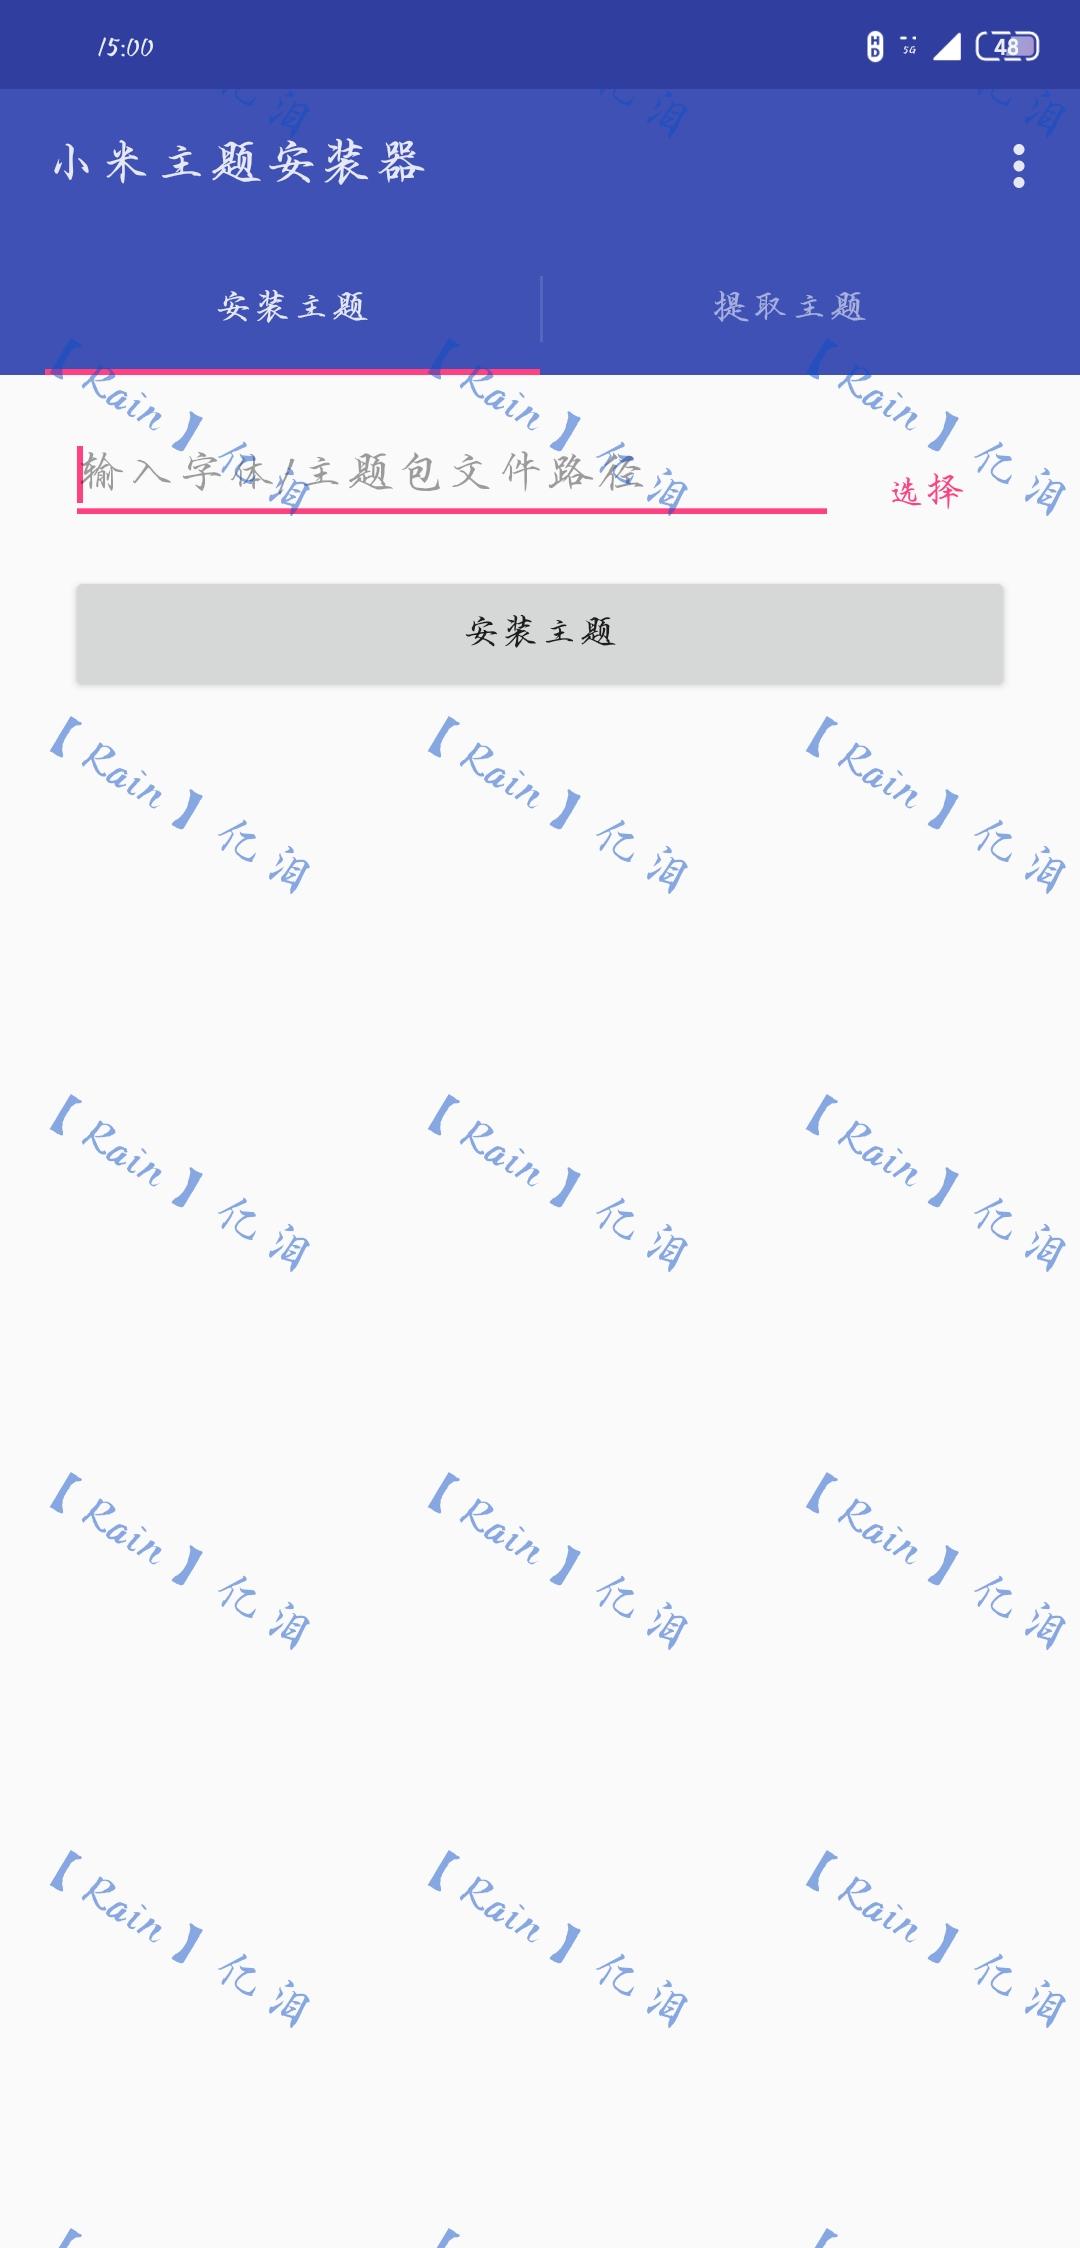 【软件分享】小米主题安装器 (免root一键导入,提取直链)